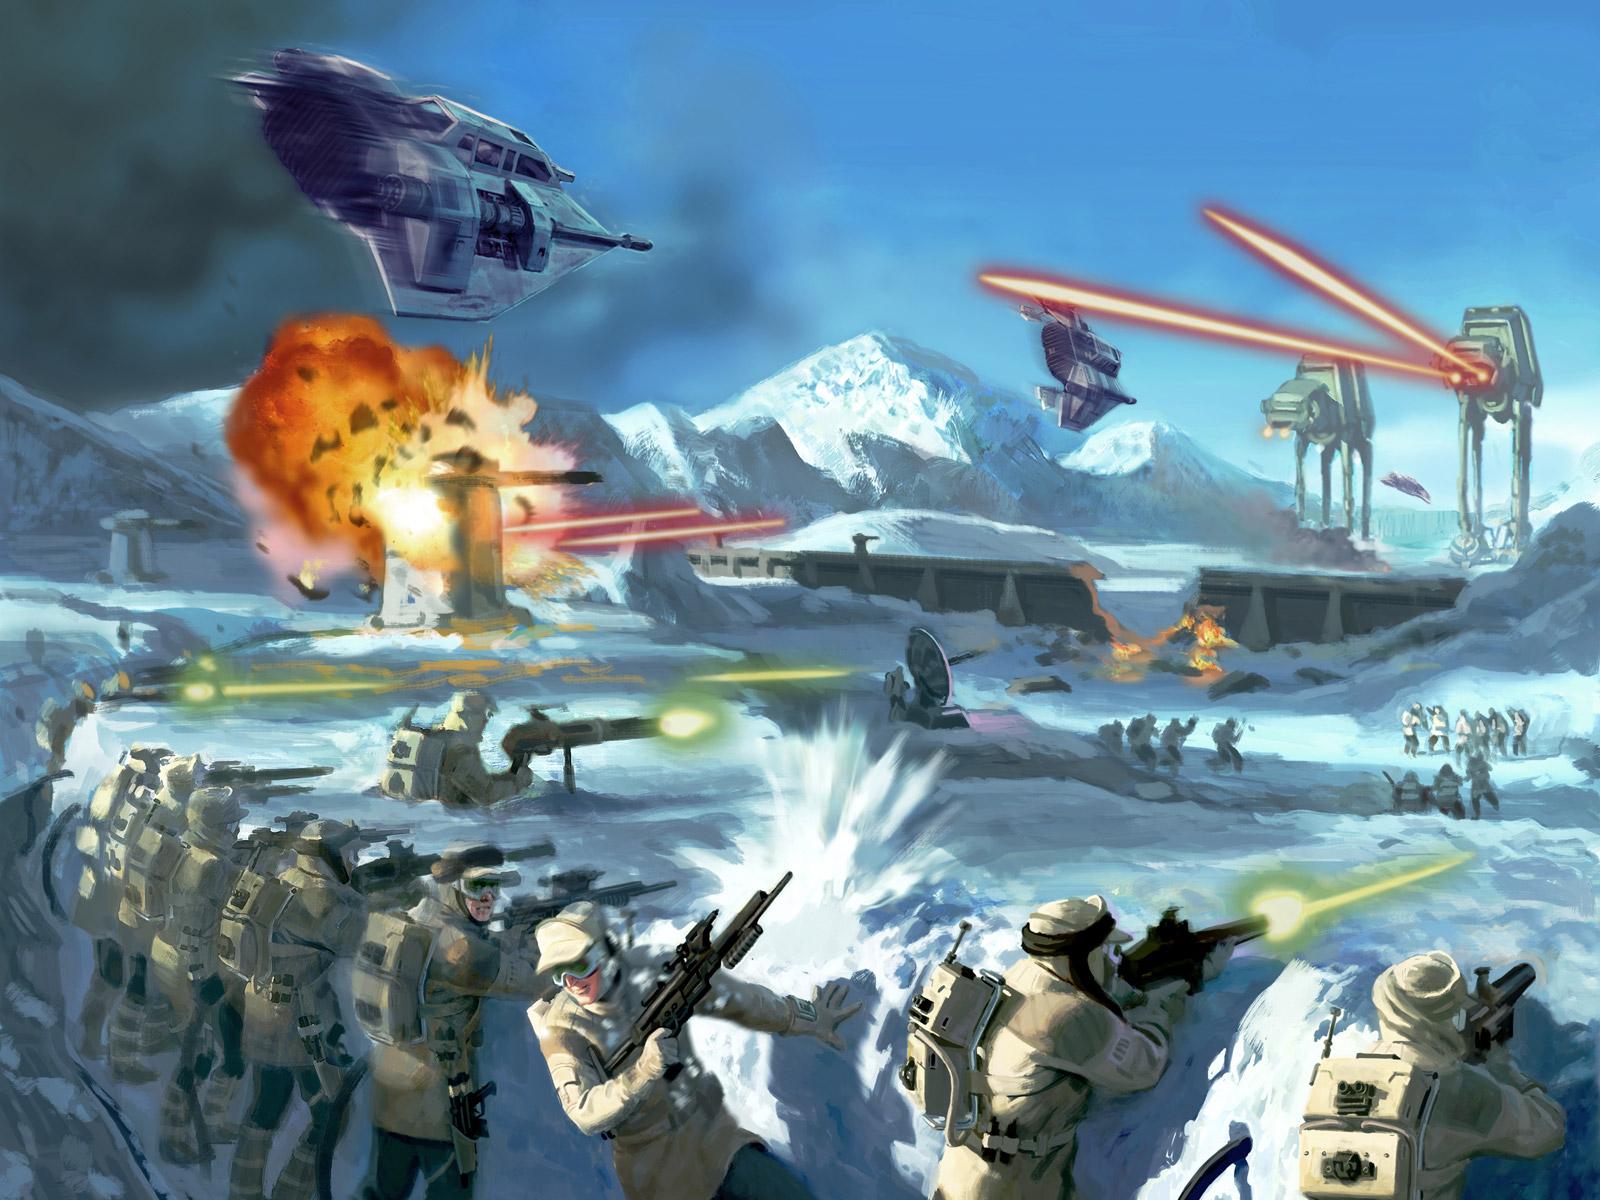 Star Wars Battlefront 2 download